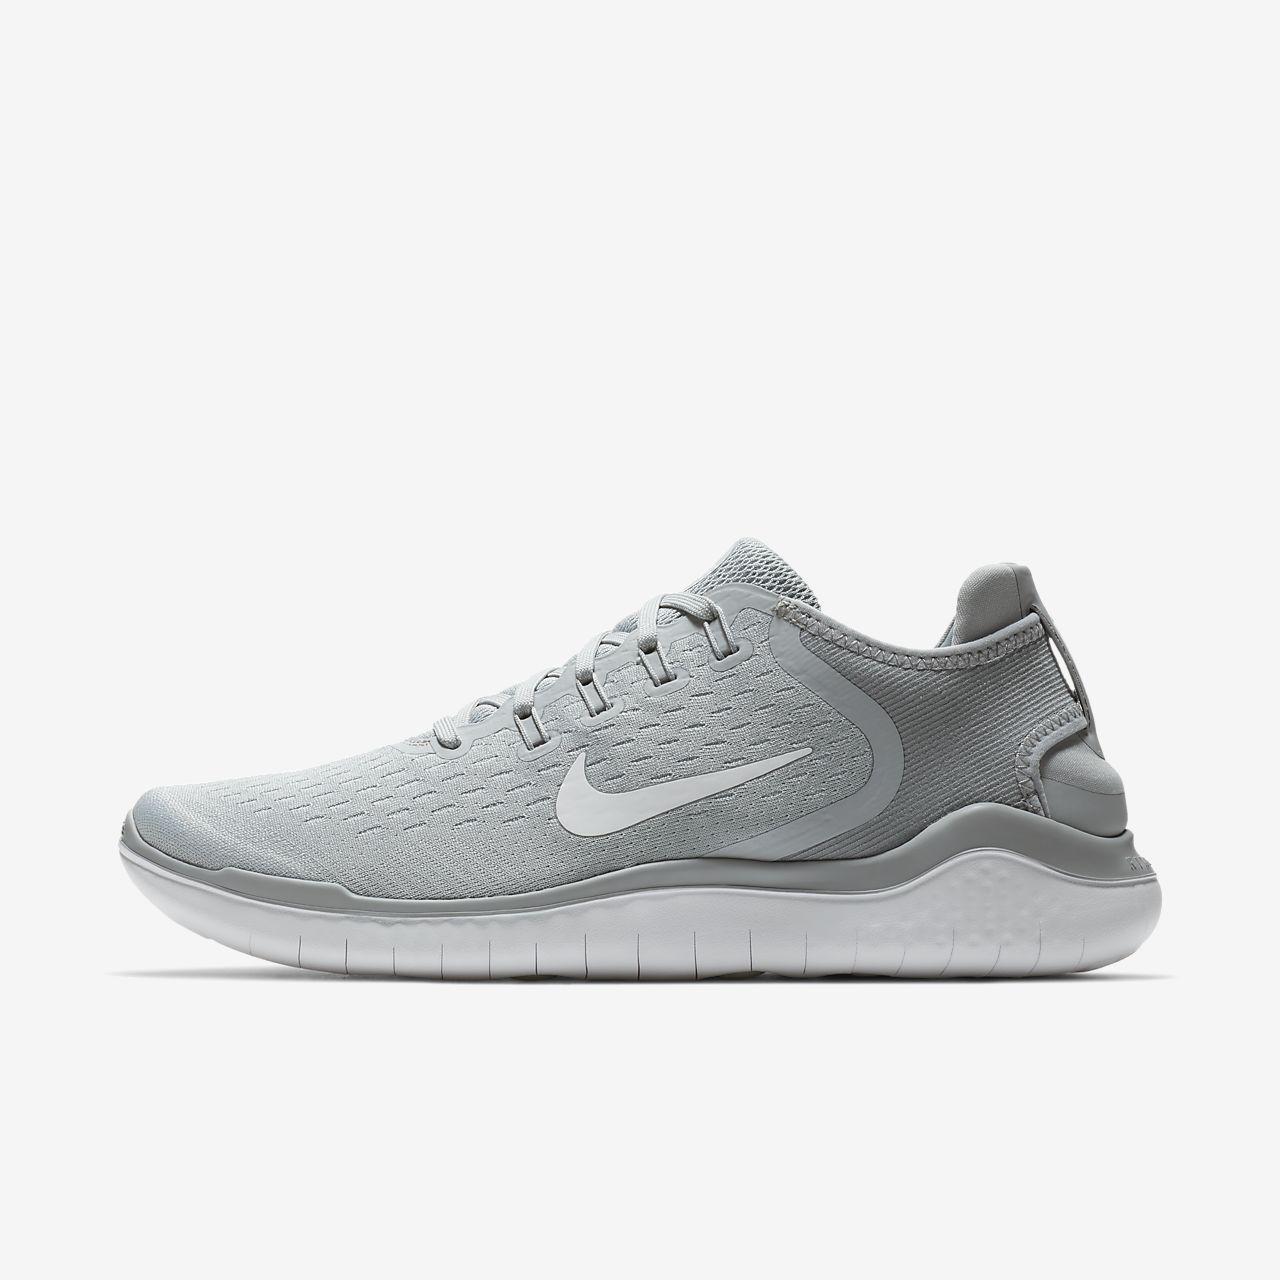 51a62367c6945 Nike Free RN 2018 Men s Running Shoe. Nike.com